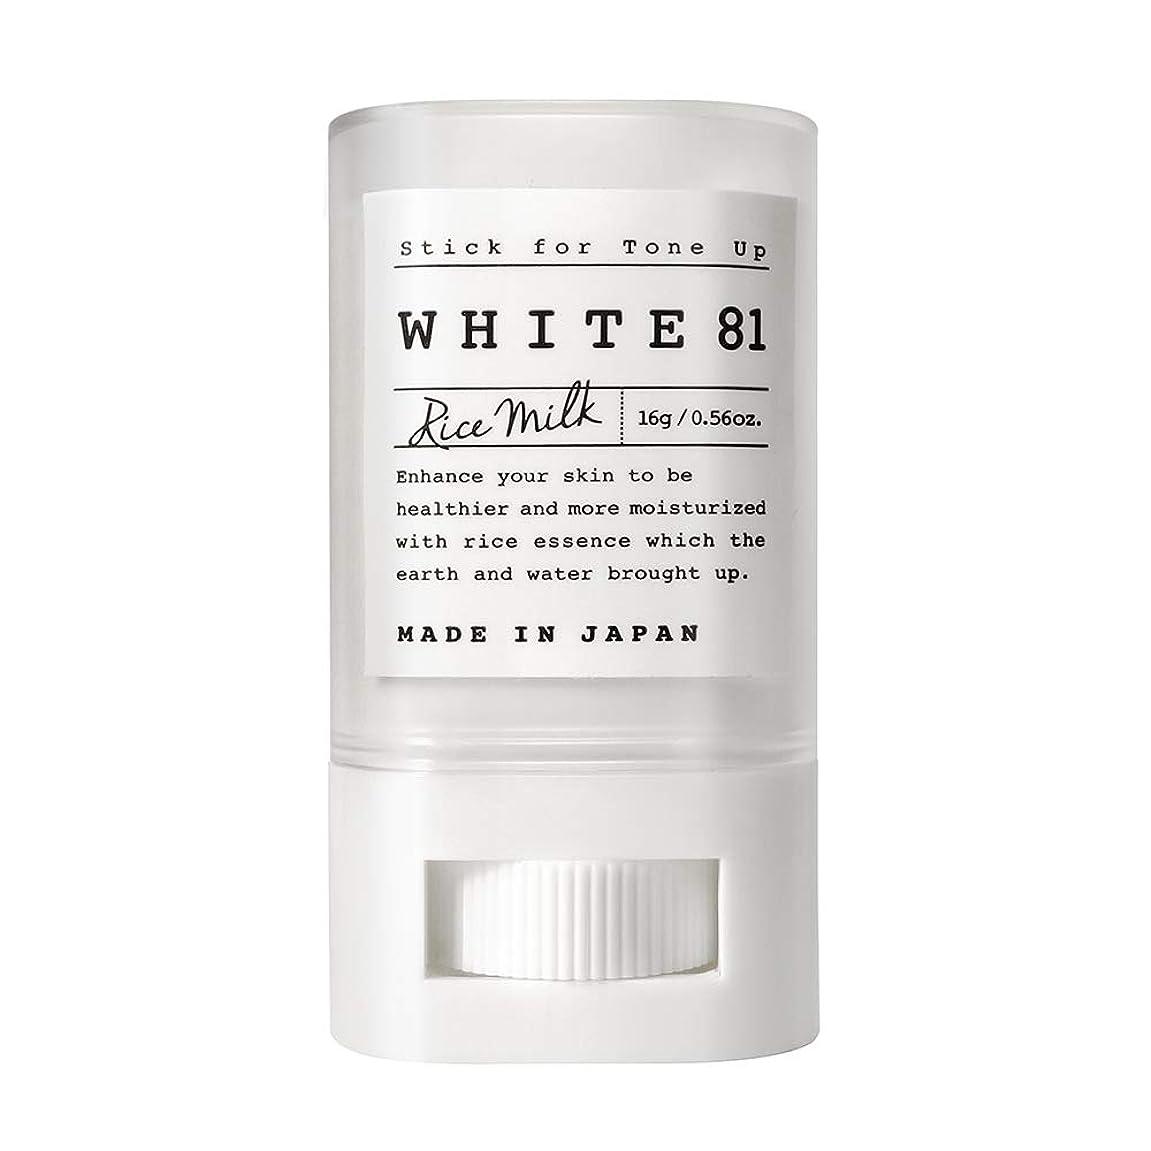 患者セットアップ風景WHITE81 ホワイト81 トーンアップスティック(化粧下地?日焼け止め / SPF35?PA+++?ウォータープルーフ?複合保湿成分配合?肌に優しい6種のフリー / 日本製)